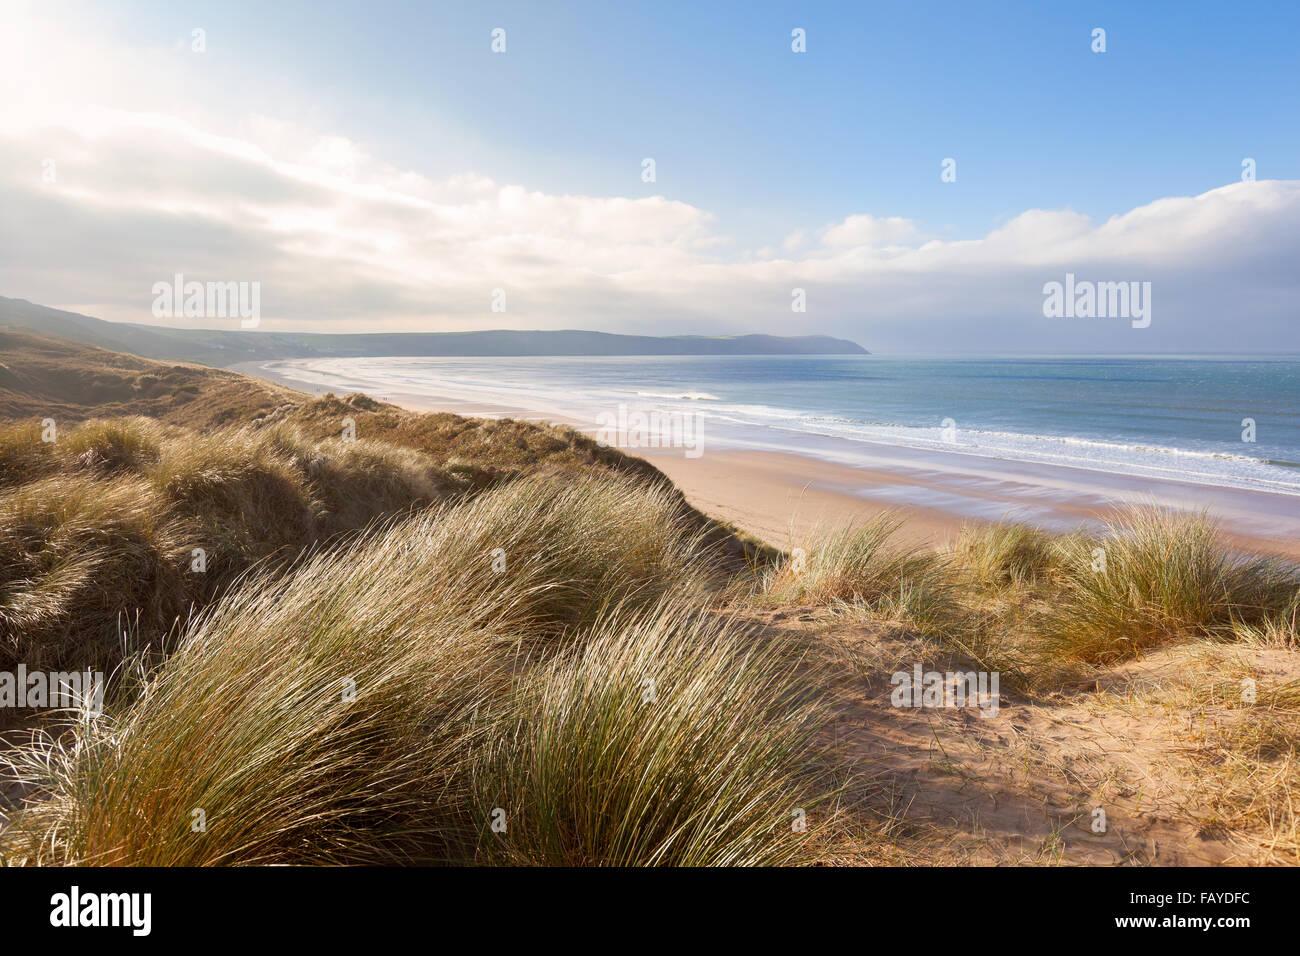 Herbes balayées par les dunes de sable sur la plage de Woolacombe ci-dessus dans le Nord du Devon, Angleterre Photo Stock